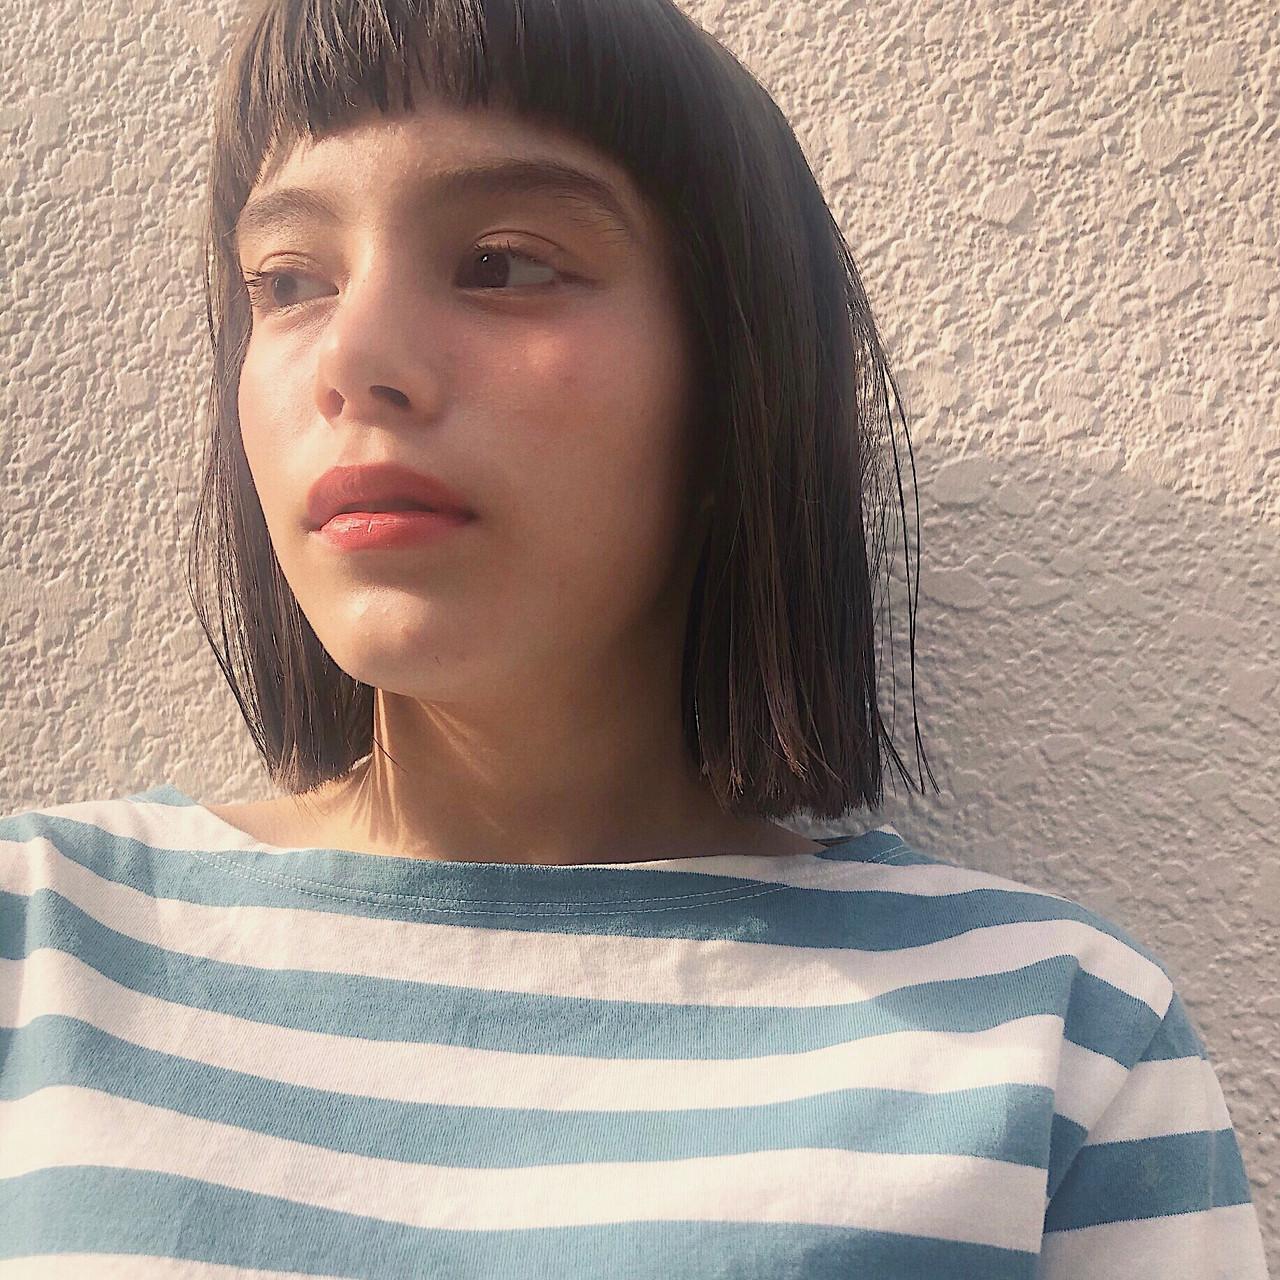 切りっぱなしボブ 透明感カラー ボブ グレージュ ヘアスタイルや髪型の写真・画像 | 波多野萌絵 / Belle